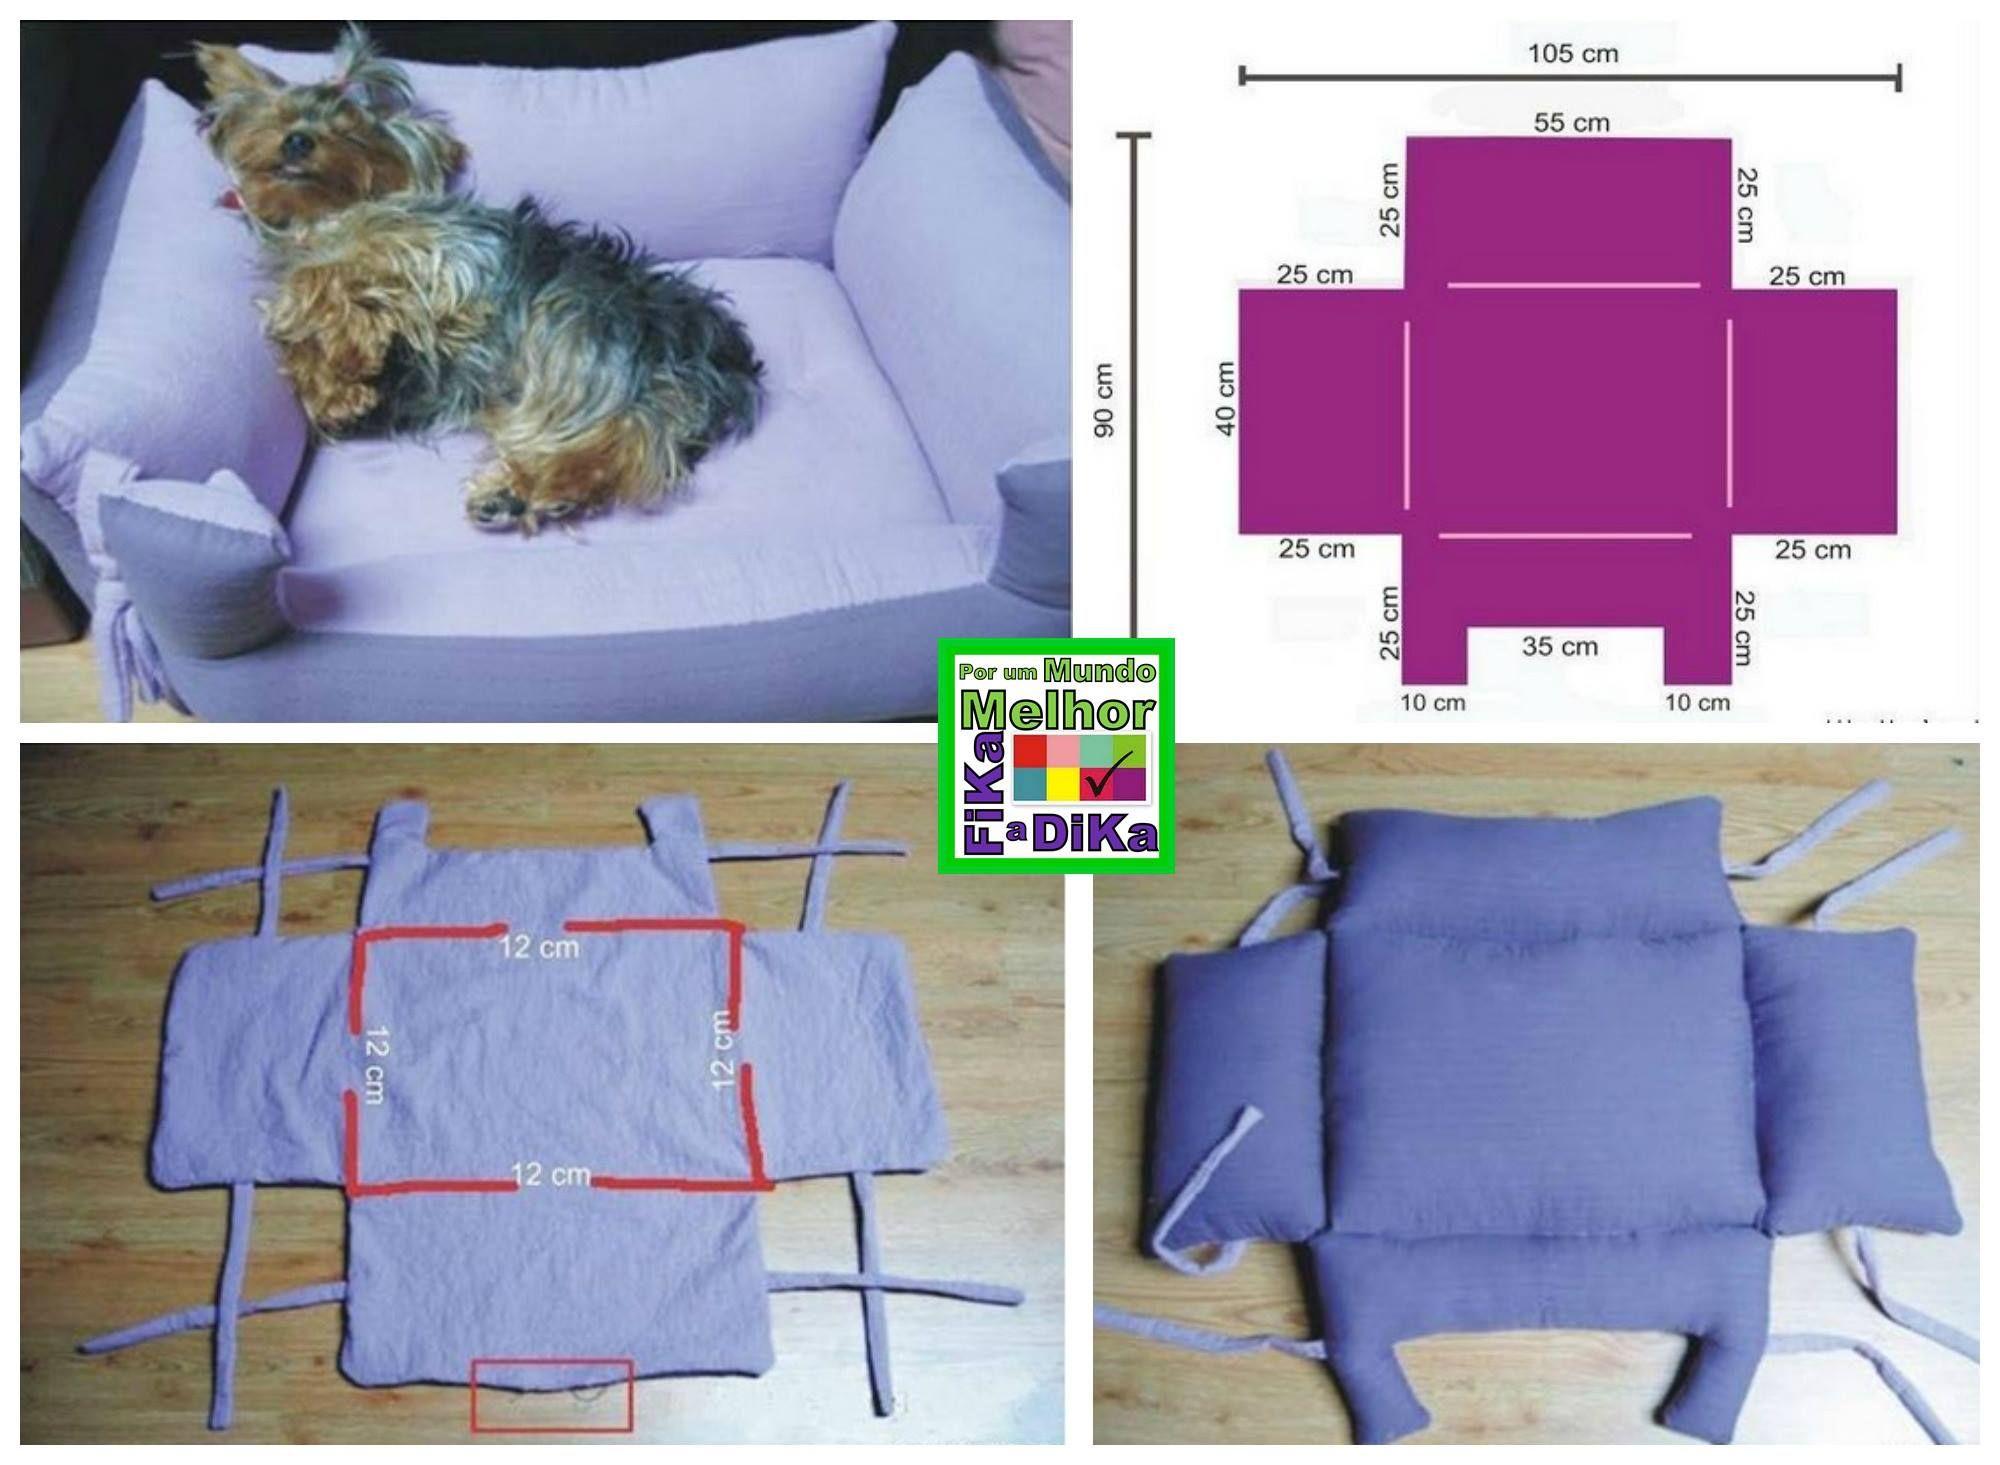 Hundebett Selber Bauen Anleitung hundebett selber machen kostenloses tutorial anleitung